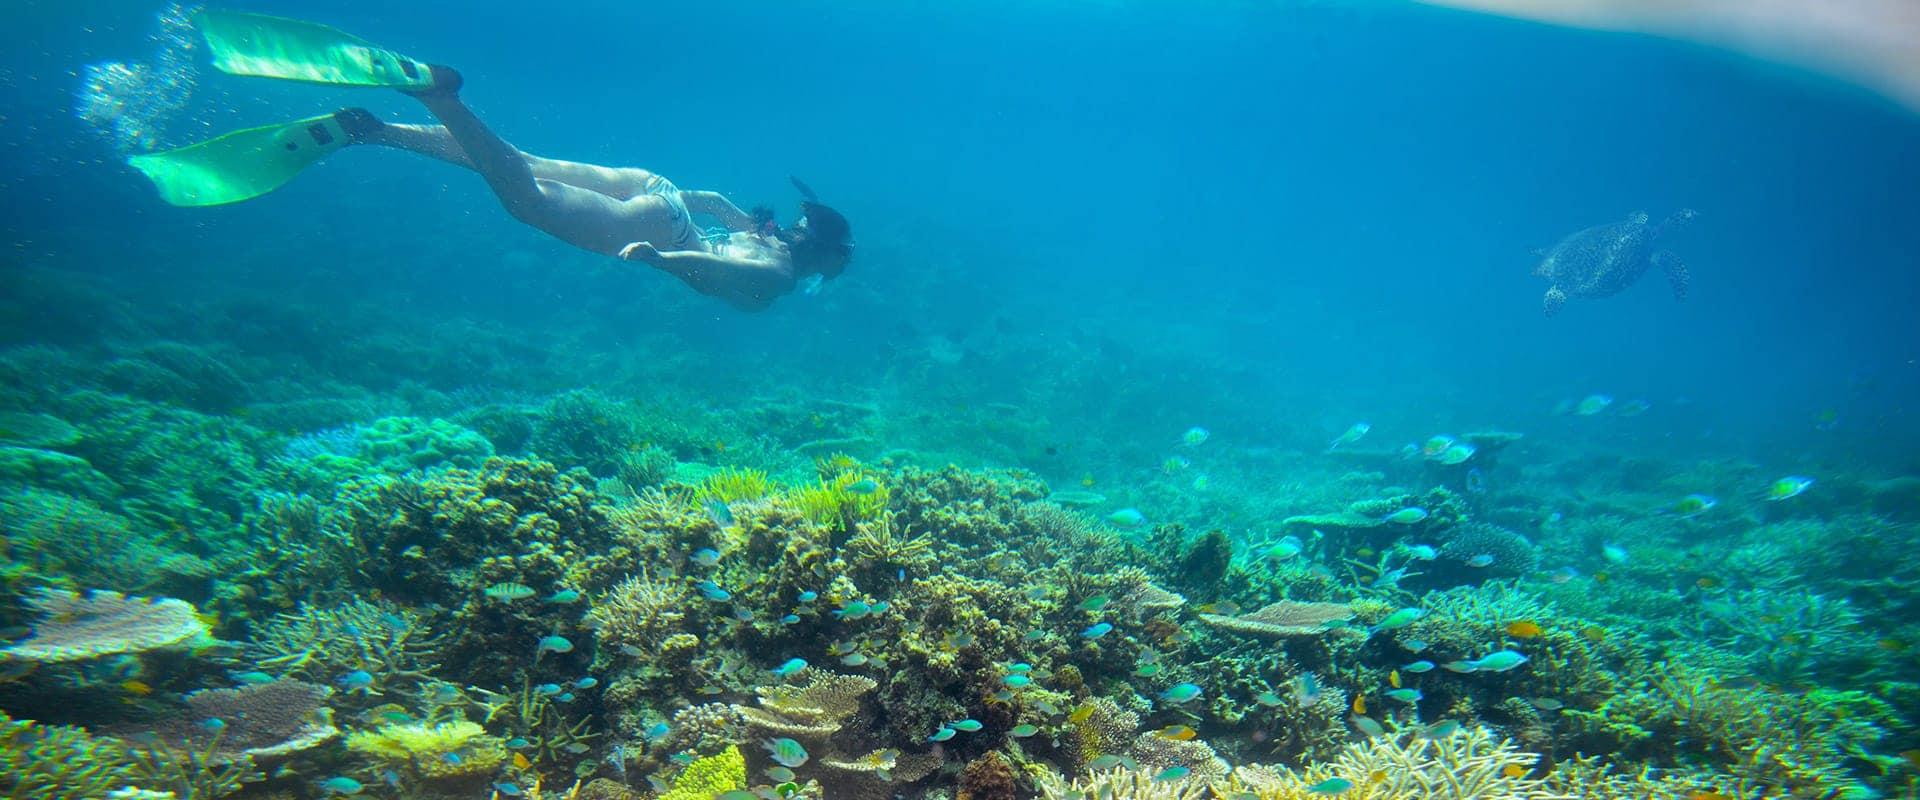 snorkeling-top-banner